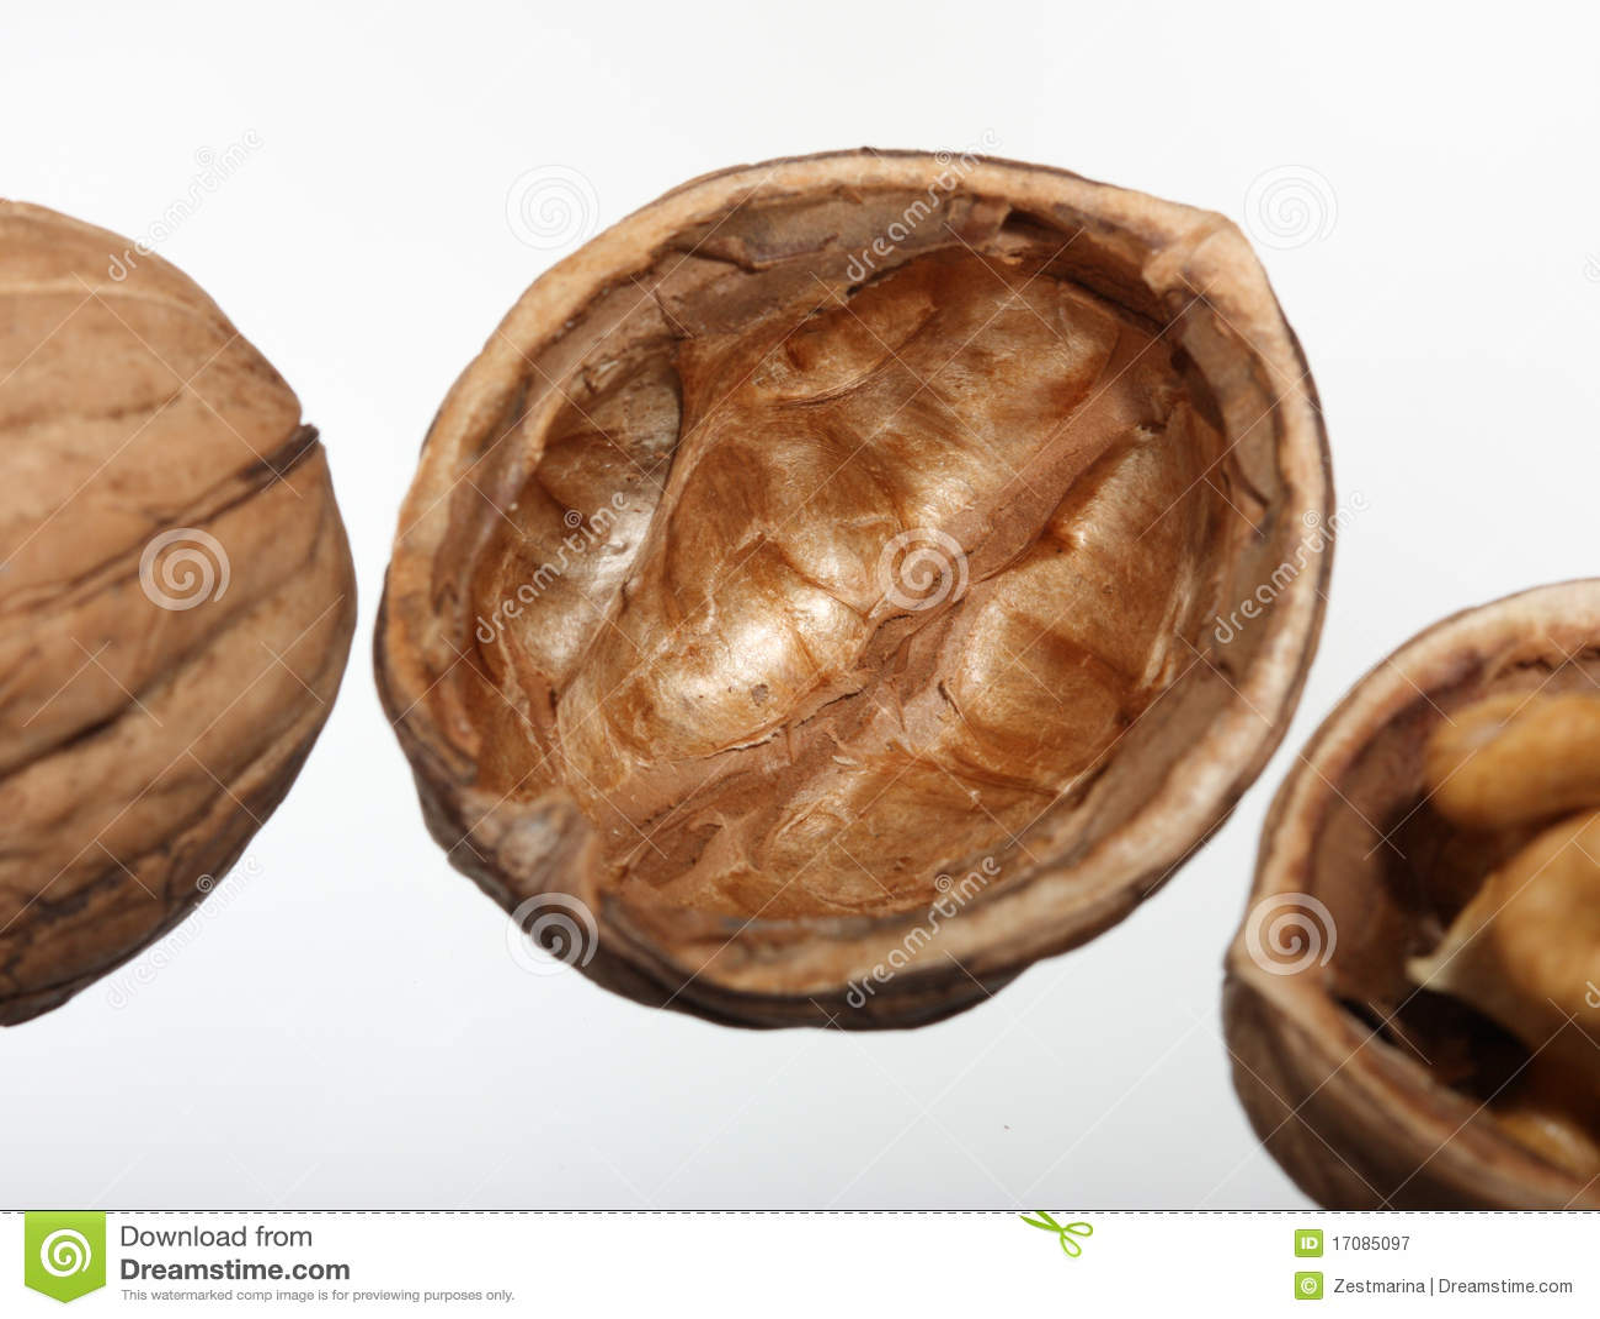 изолированная белизна грецкого ореха ореховыйой скорлупы s